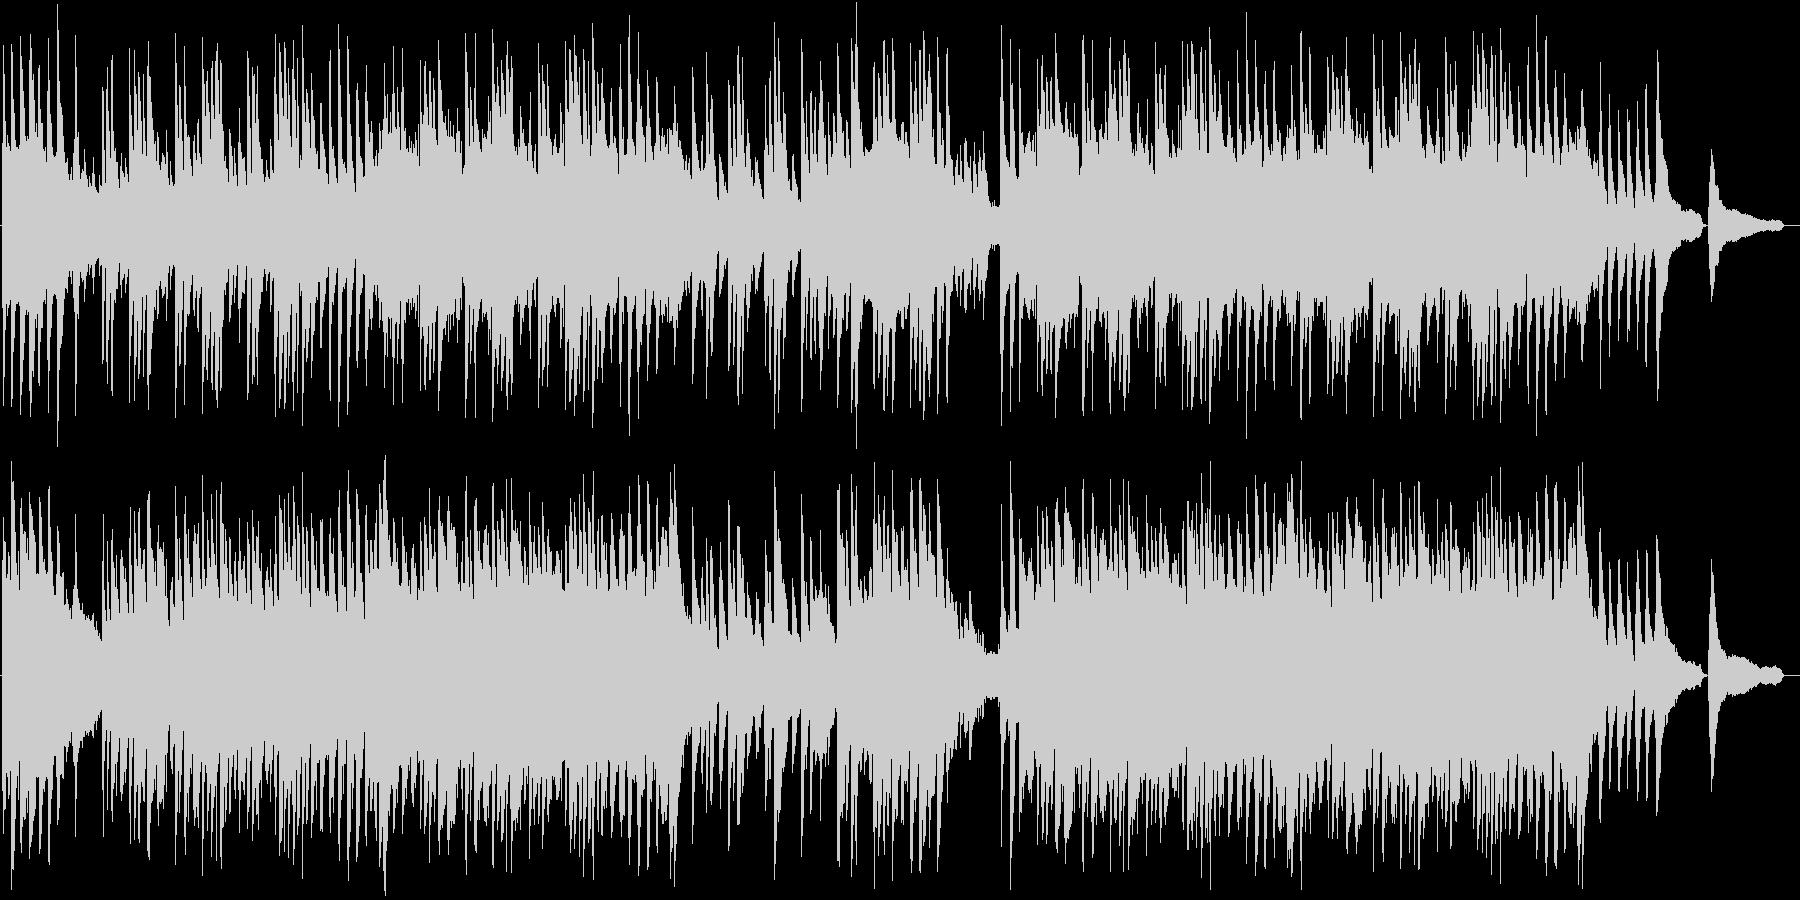 美しい和風バラードBGMの未再生の波形